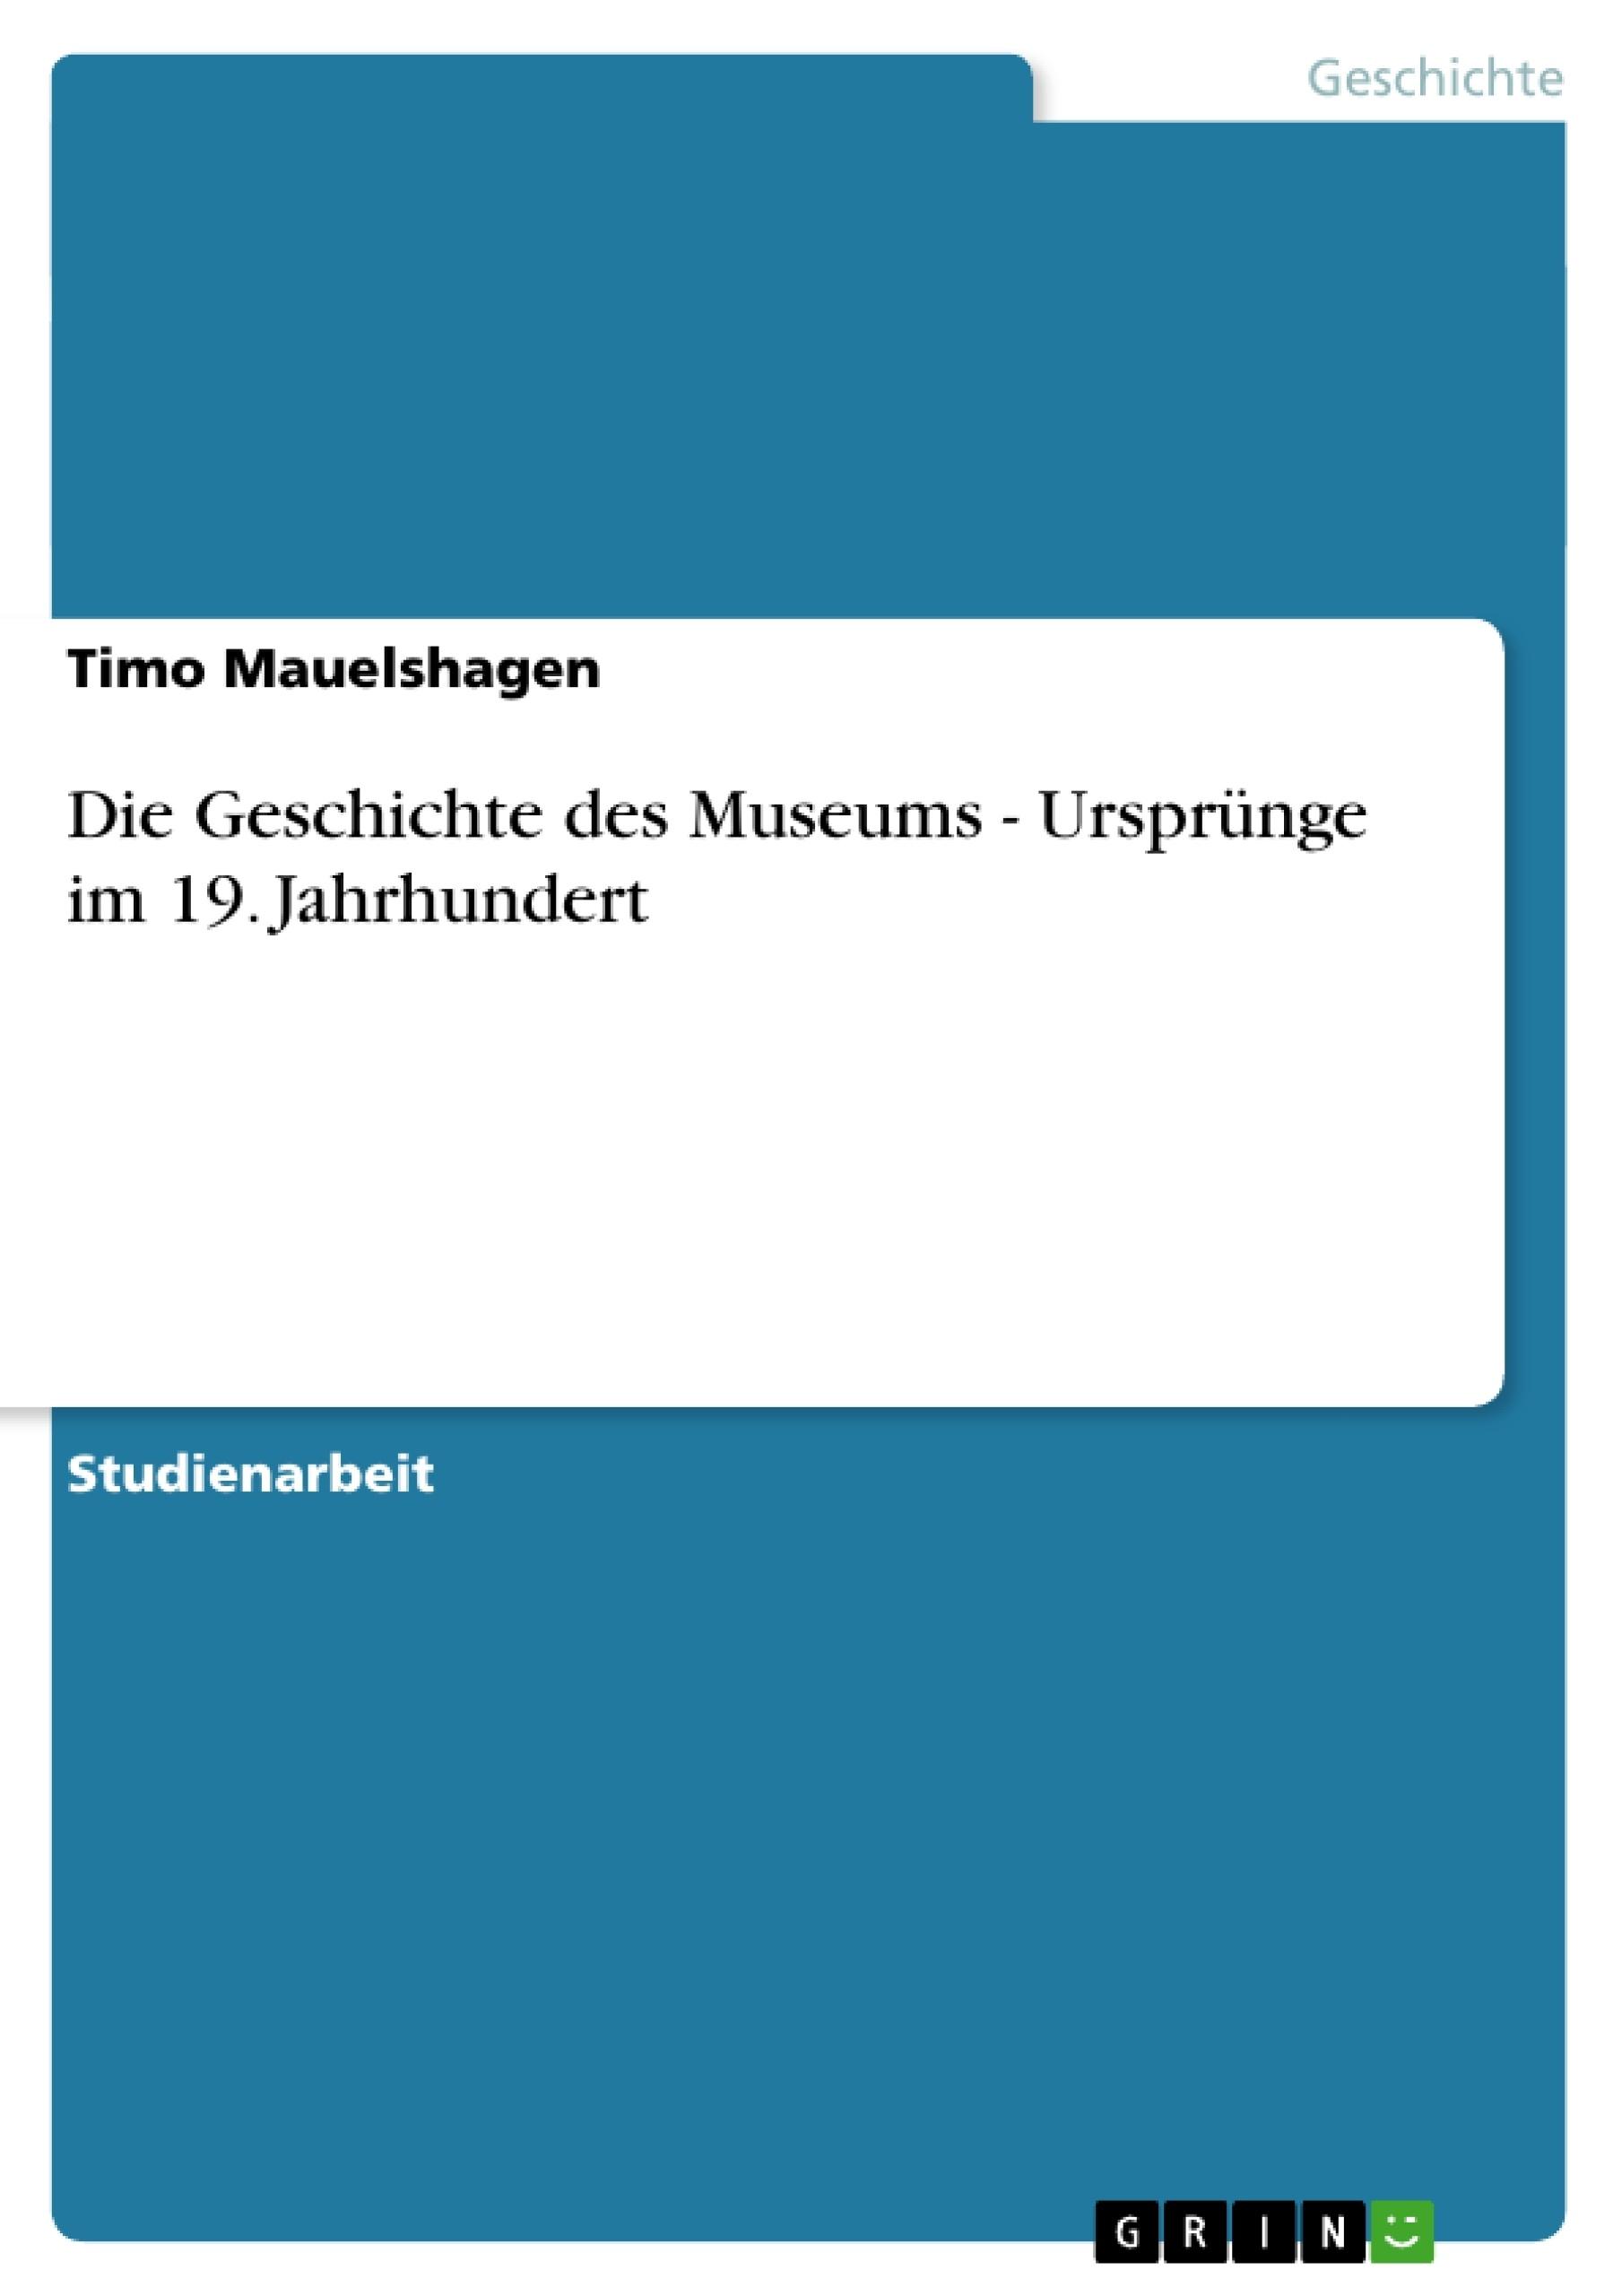 Titel: Die Geschichte des Museums - Ursprünge im 19. Jahrhundert